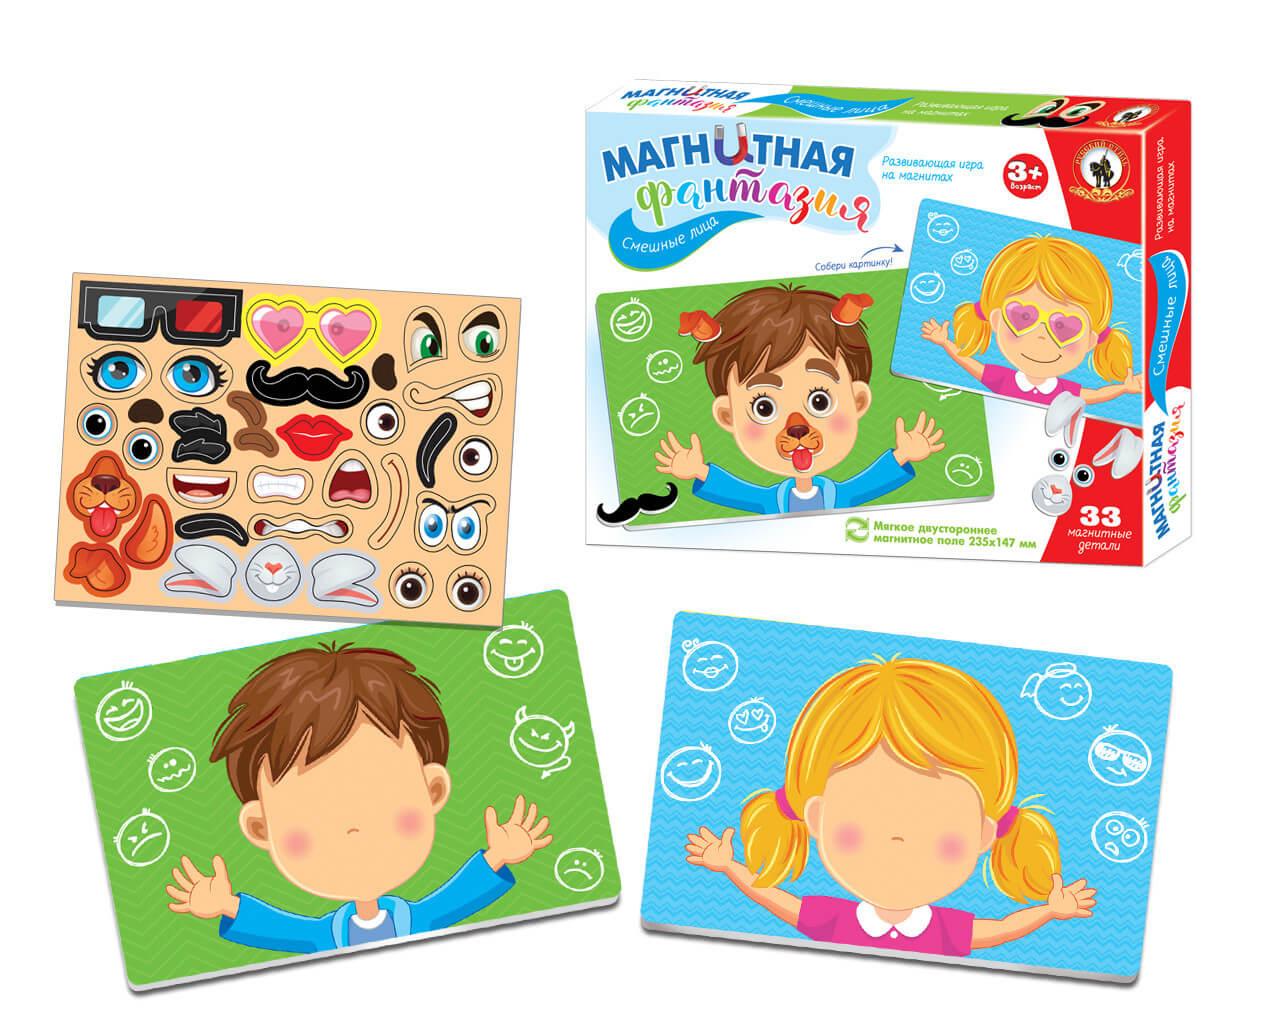 Игры на магнитах оптом в интернет-магазине Alba по ценам производителя картинка